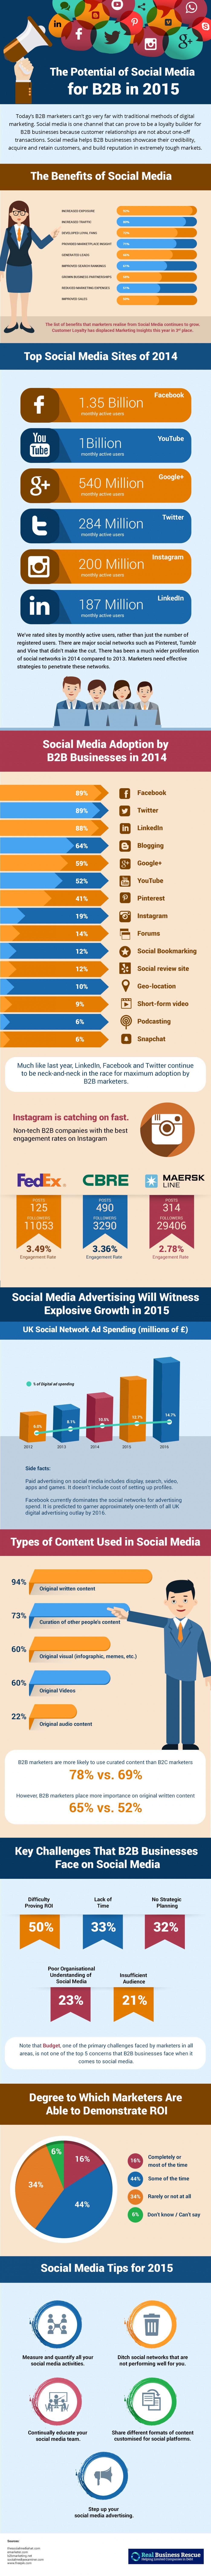 social-media-b2b-stats